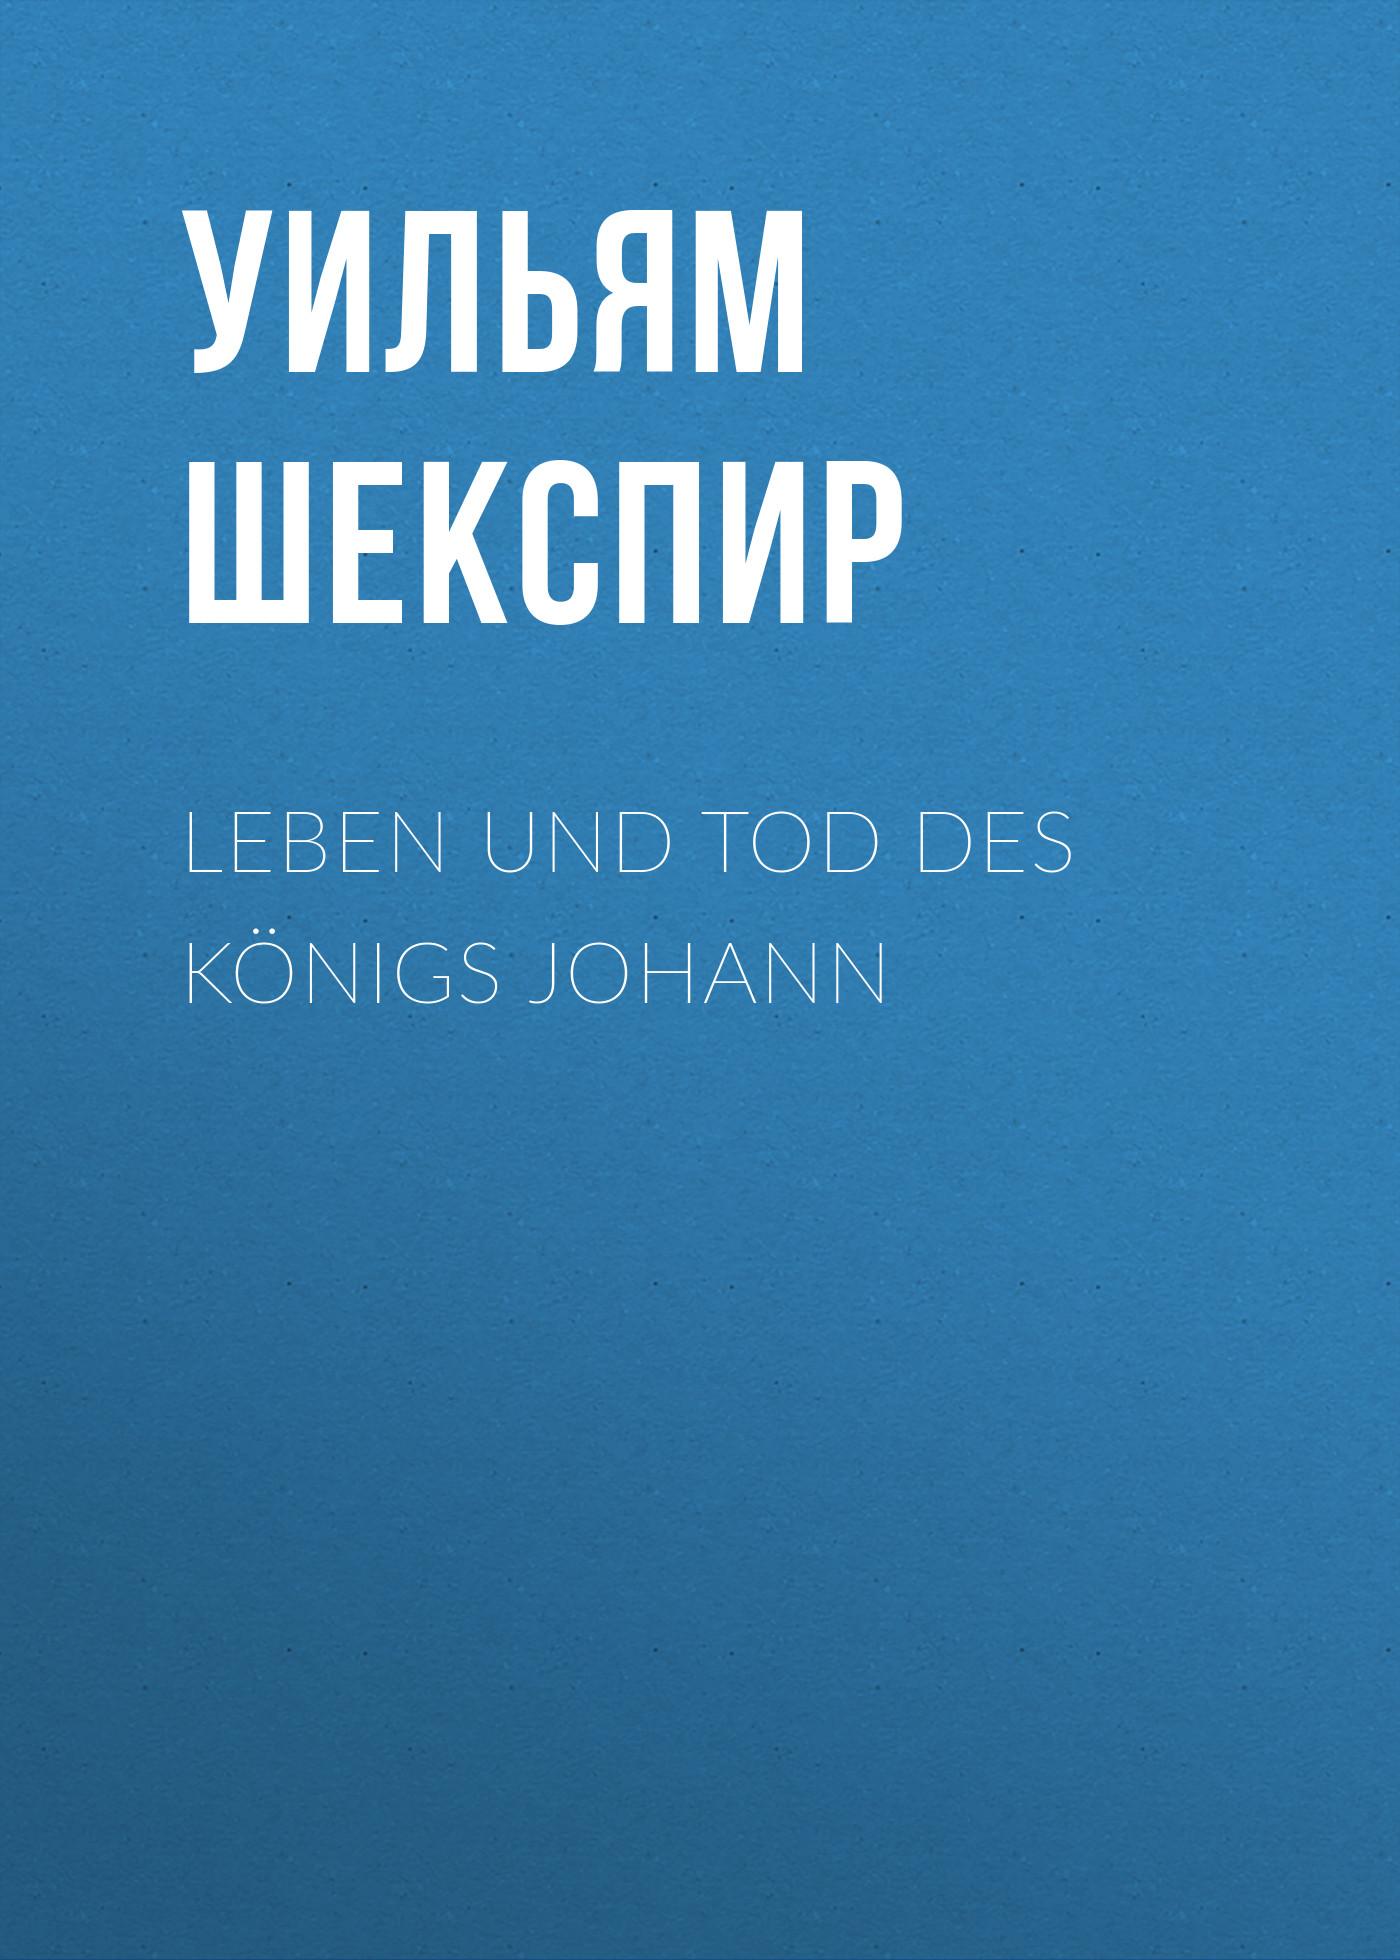 Уильям Шекспир Leben und Tod des Königs Johann tod comes home